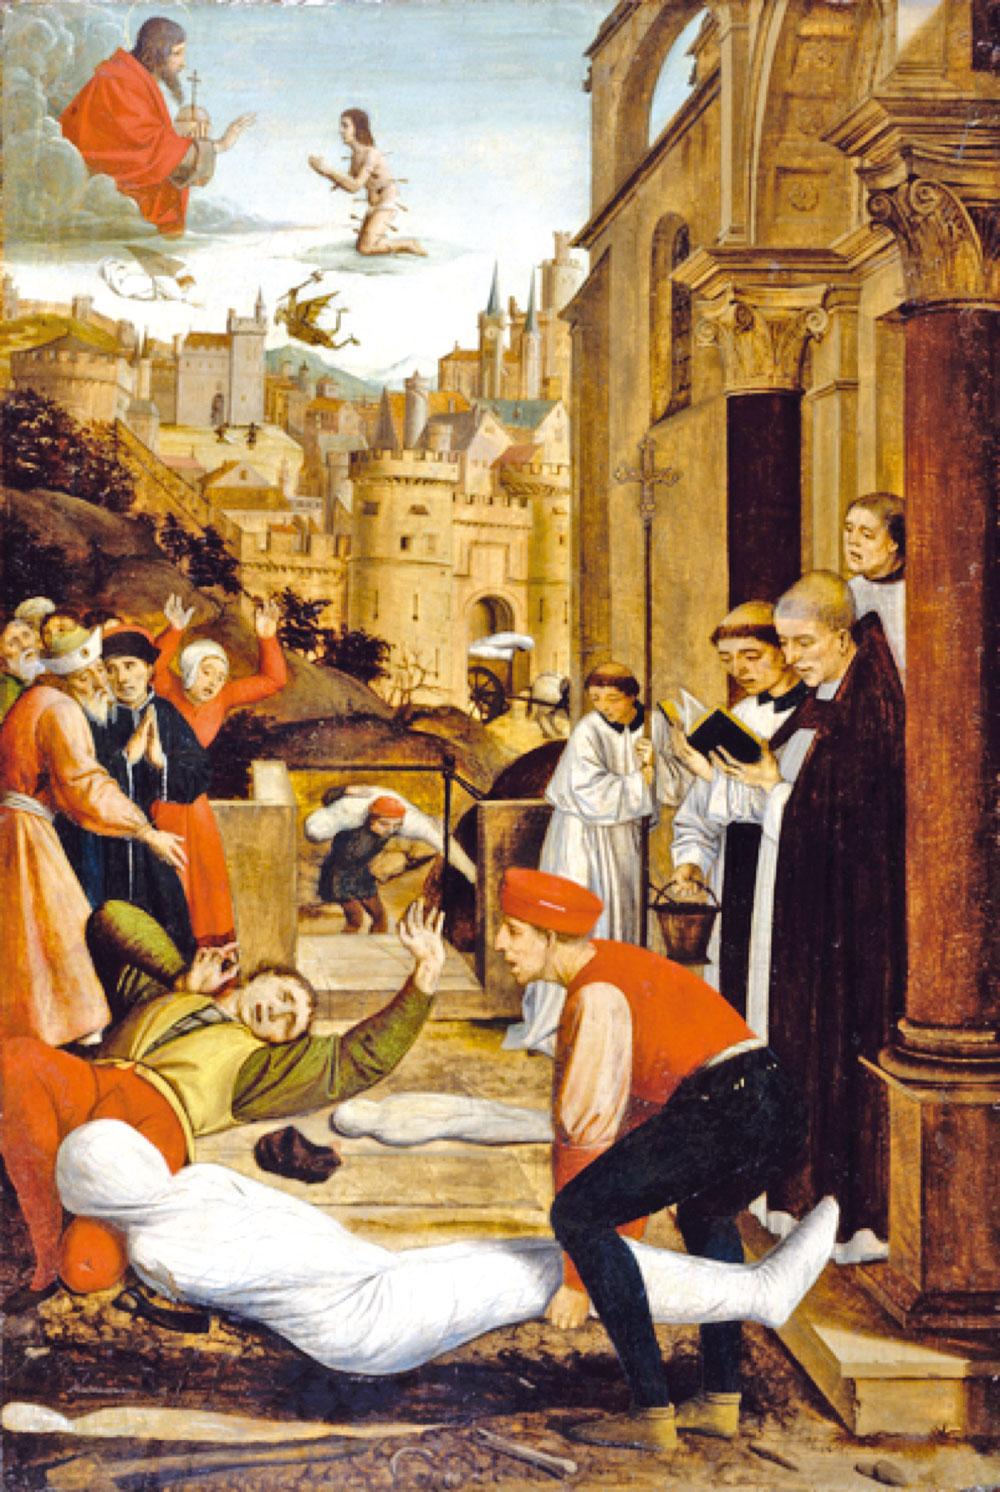 《聖塞巴斯蒂安代瘟疫災區向神祈禱》——尼德蘭畫家若斯‧列菲林西1497年作。(美國巴爾的摩市沃爾特斯藝術博物館藏)